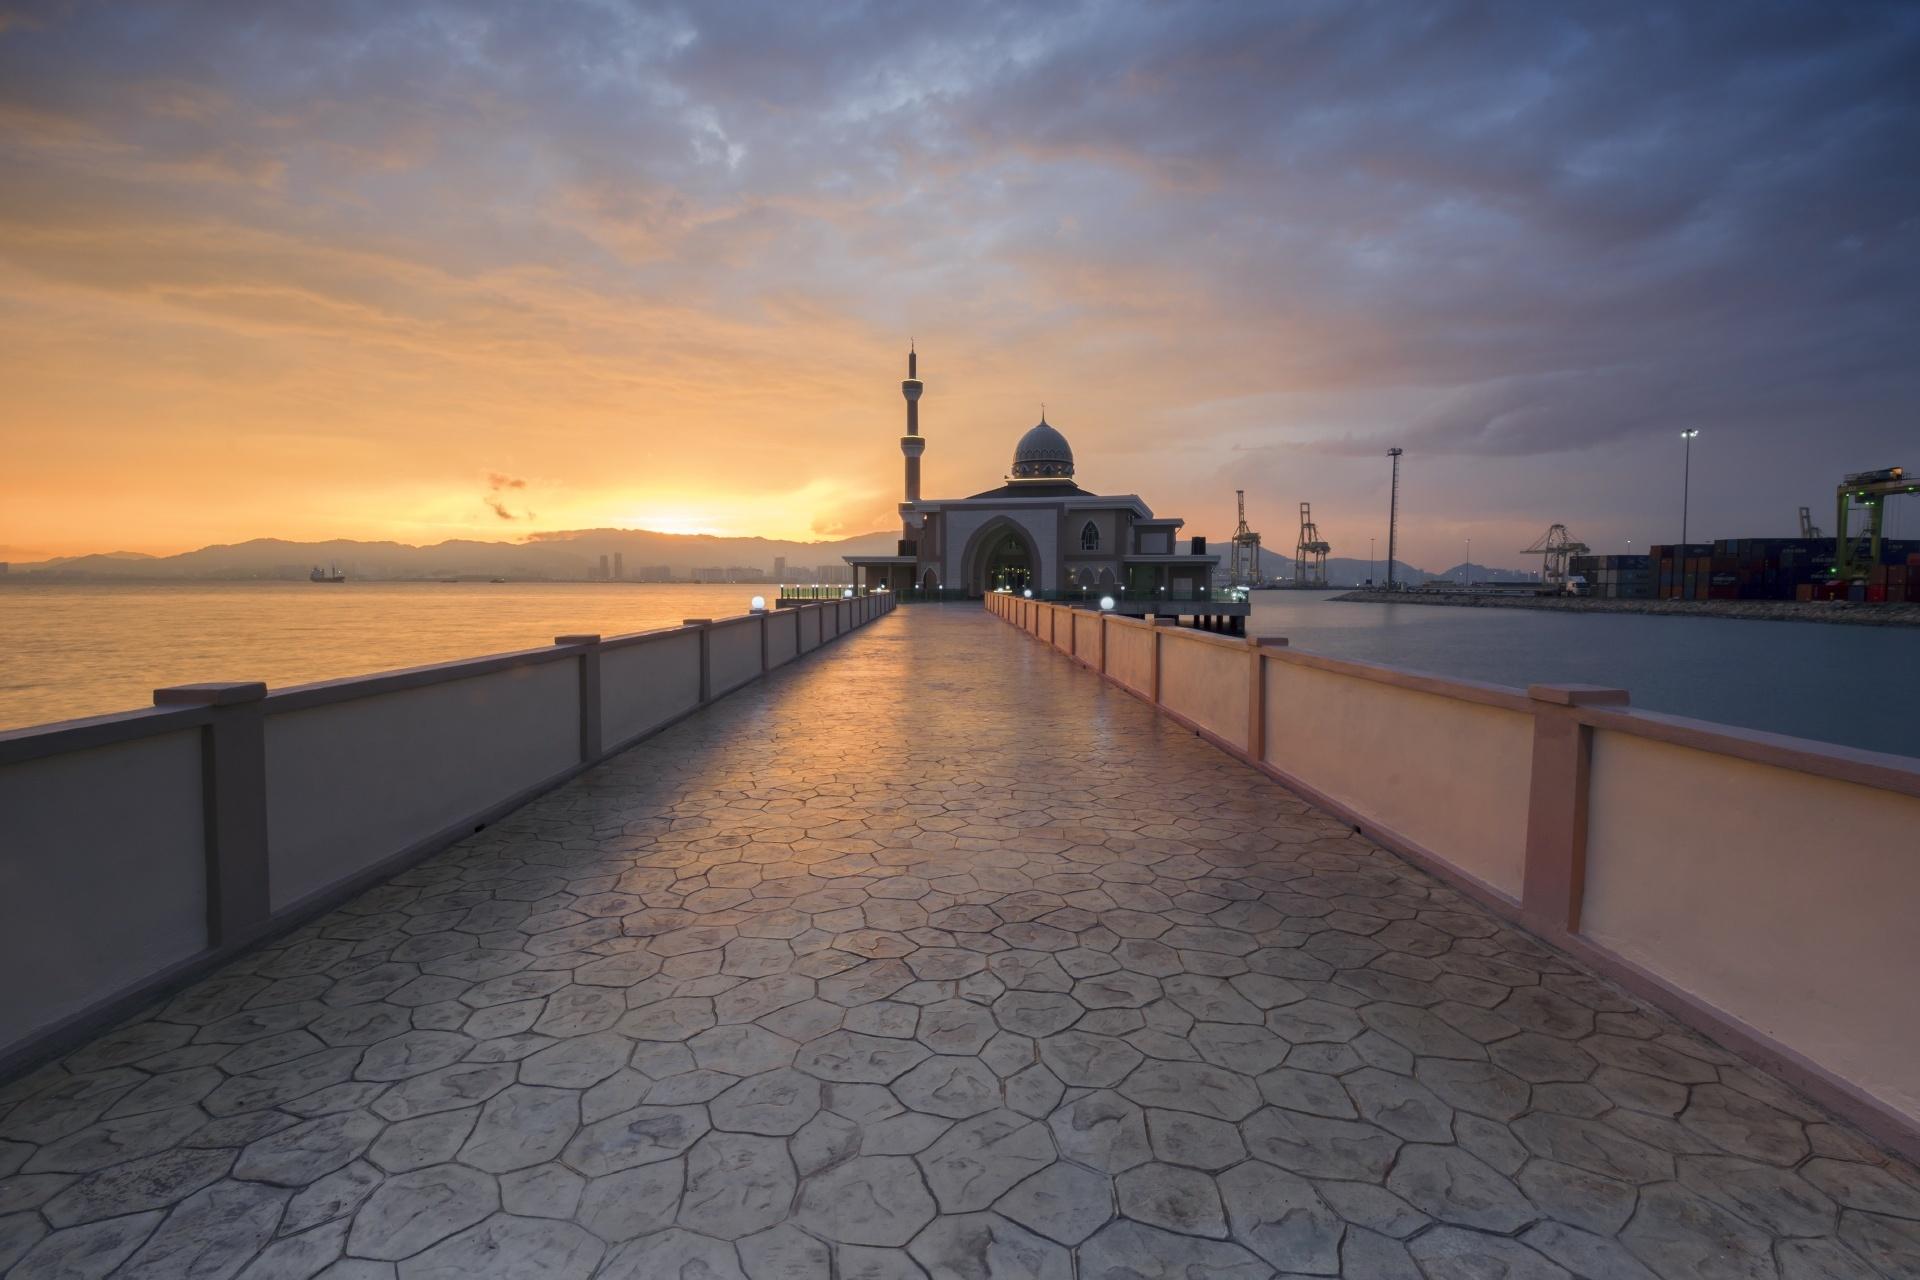 マレーシア ペナン スブランプライ 夕暮れのモスクとペナン港